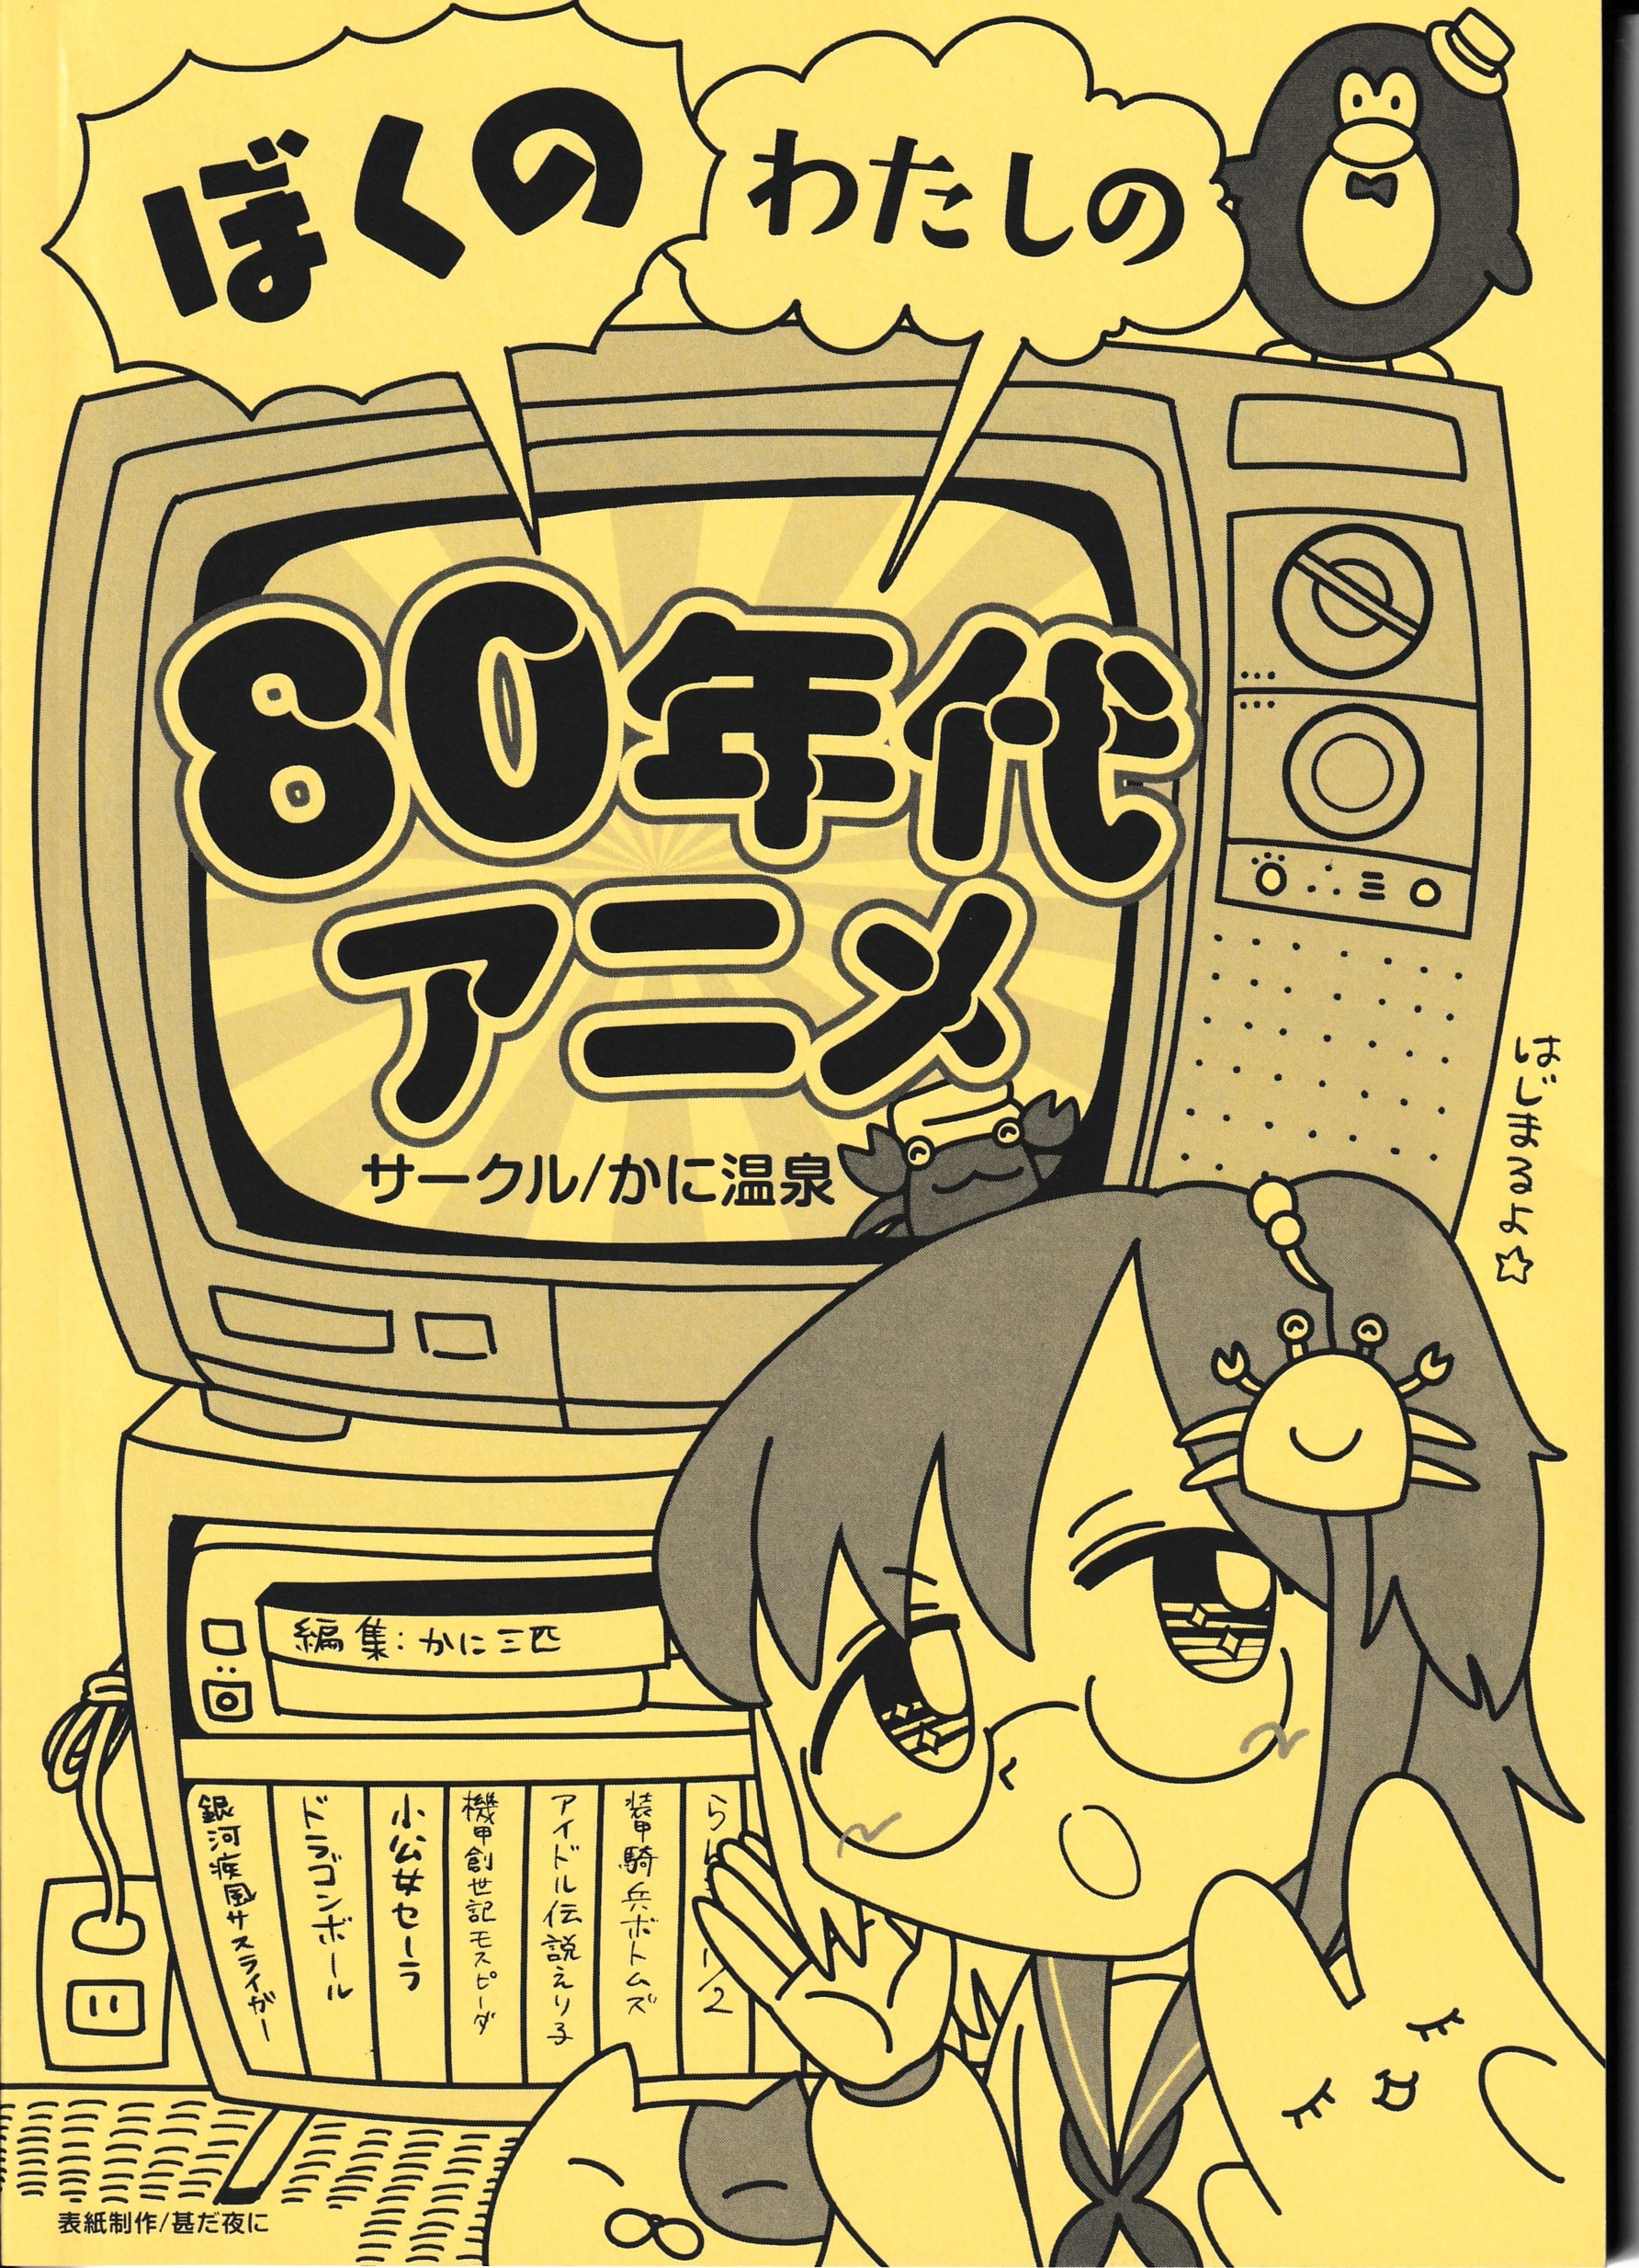 ぼくのわたしの80年代アニメ 【かに温泉】画像